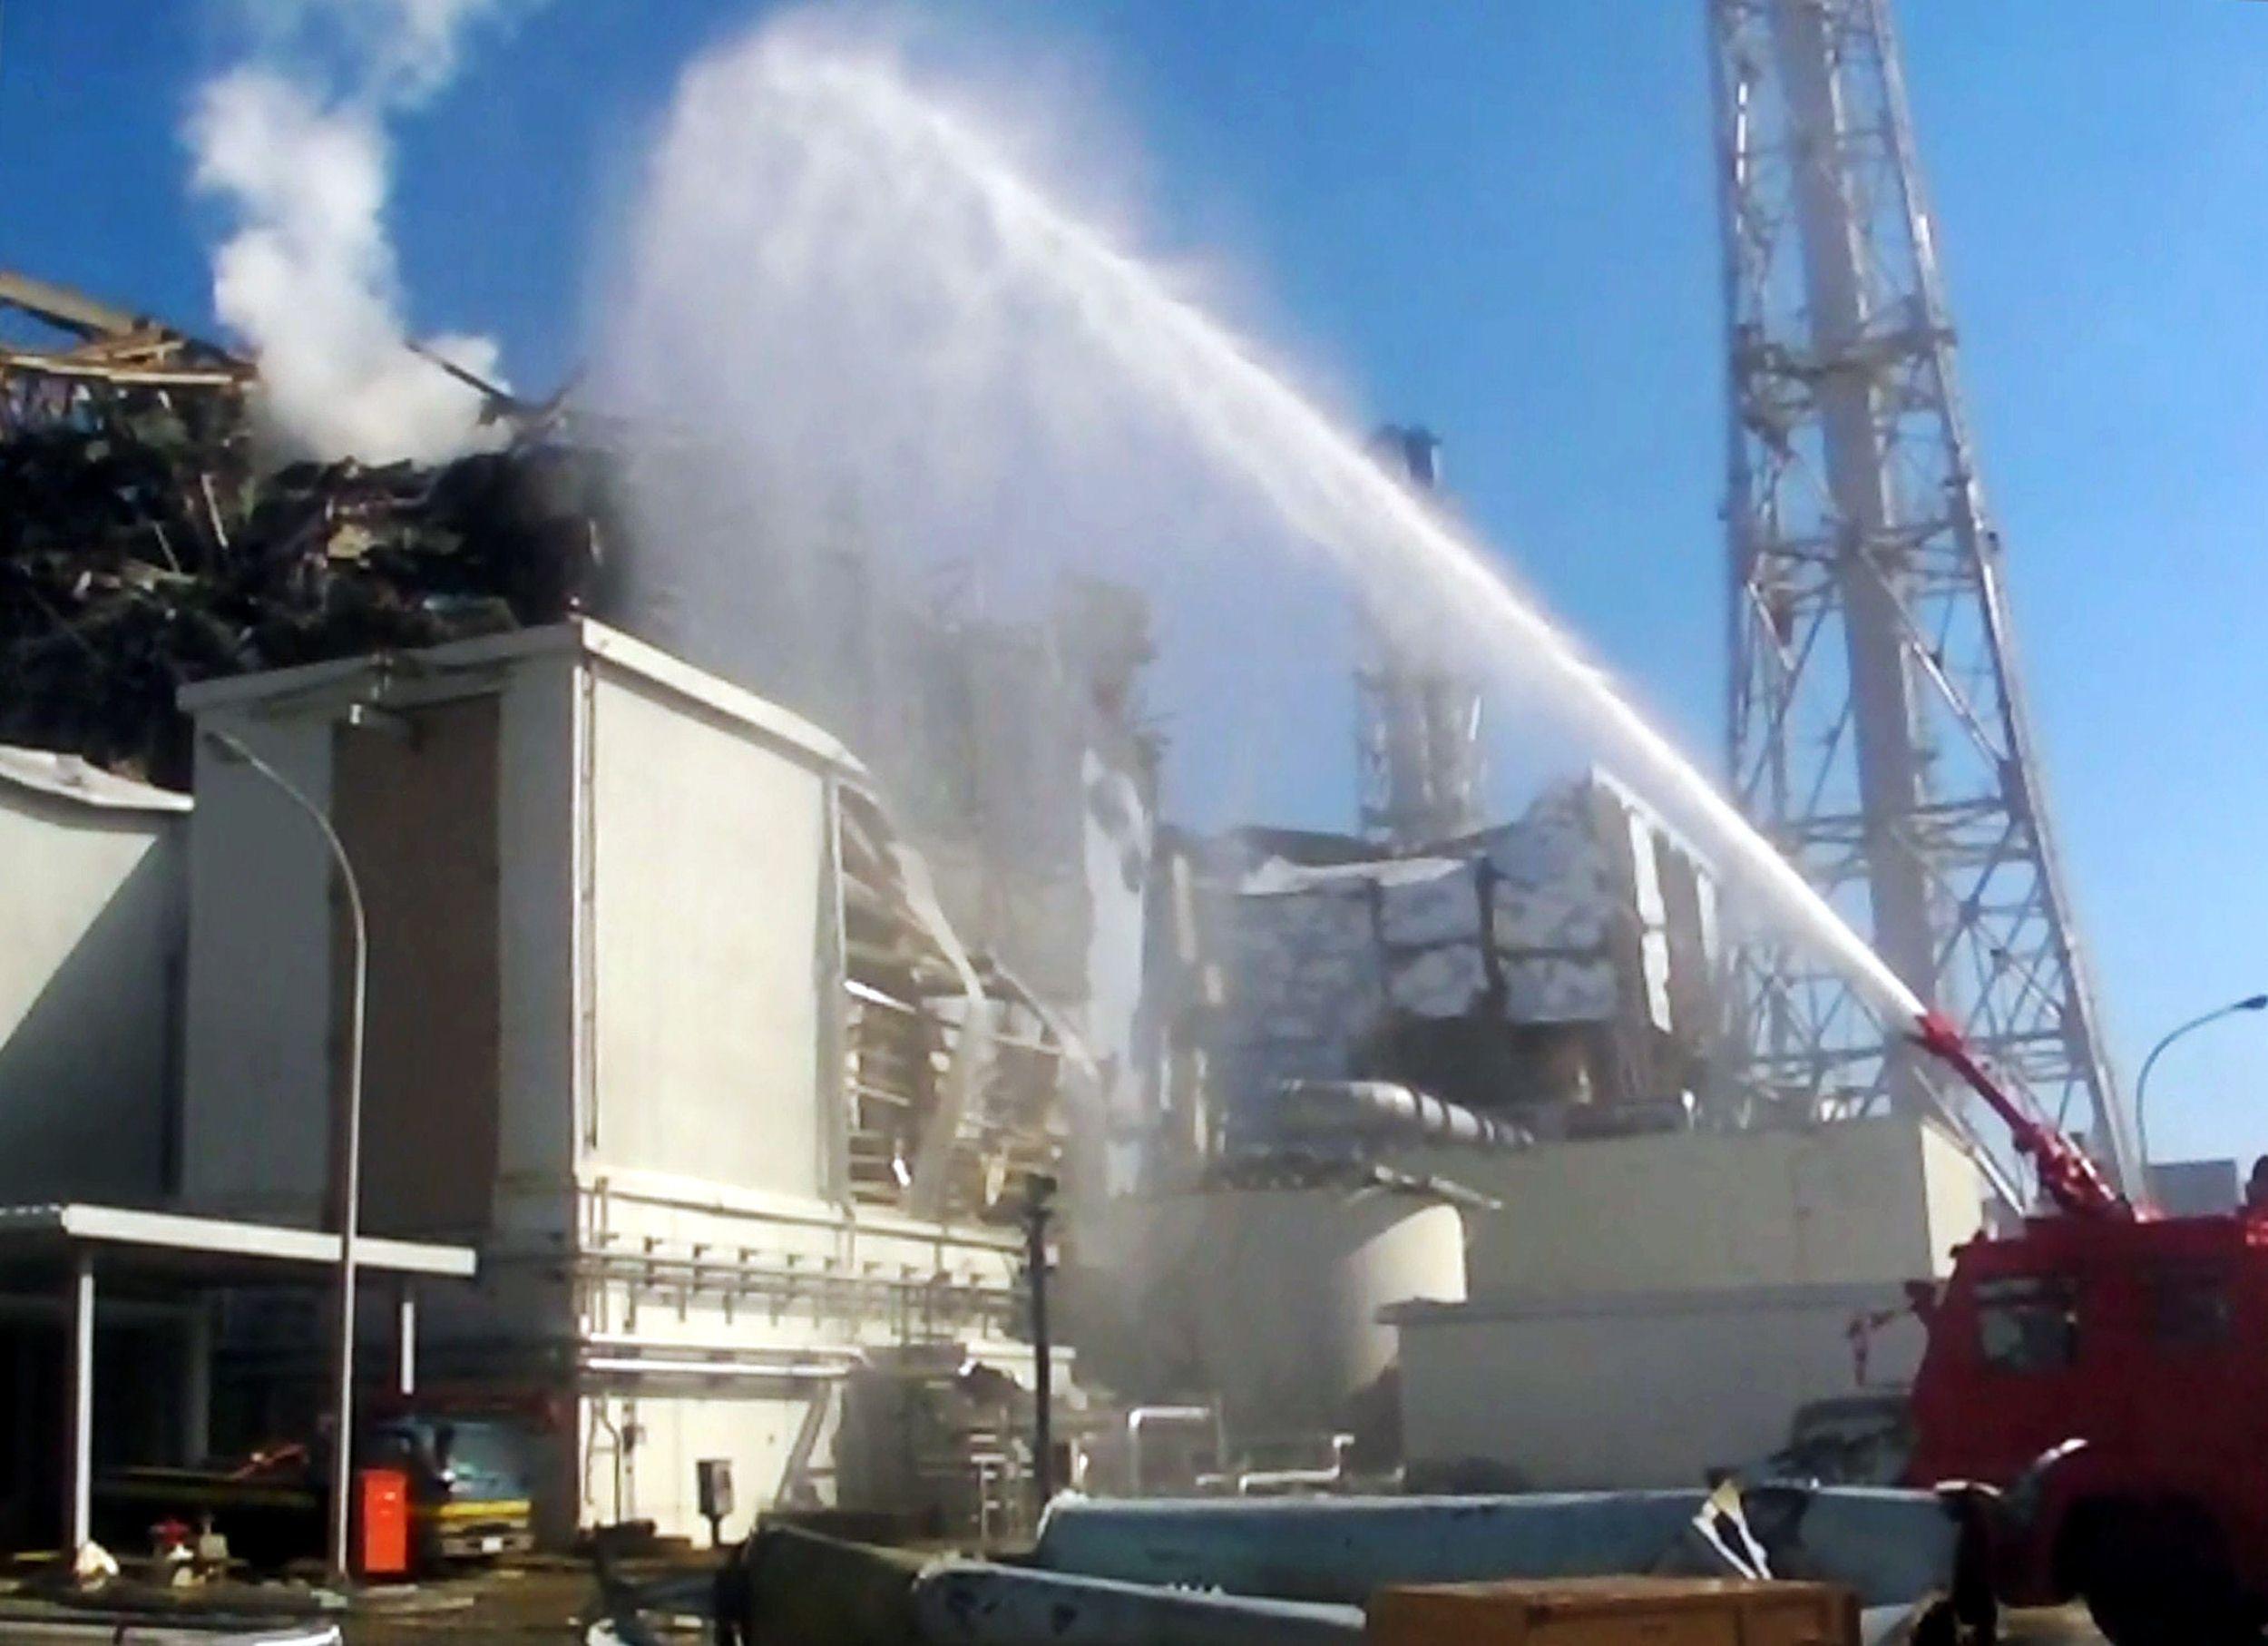 Công nhân phun nước làm mát lò phản ứng uranium ở nhà máy điện hạt nhân Fukushima. Thảm họa sóng thần khiến các lò phản ứng bị hư hại, gây nên thảm họa hạt nhân nghiêm trọng nhất ở Nhật Bản trong thời hiện đại. Ảnh: AFP